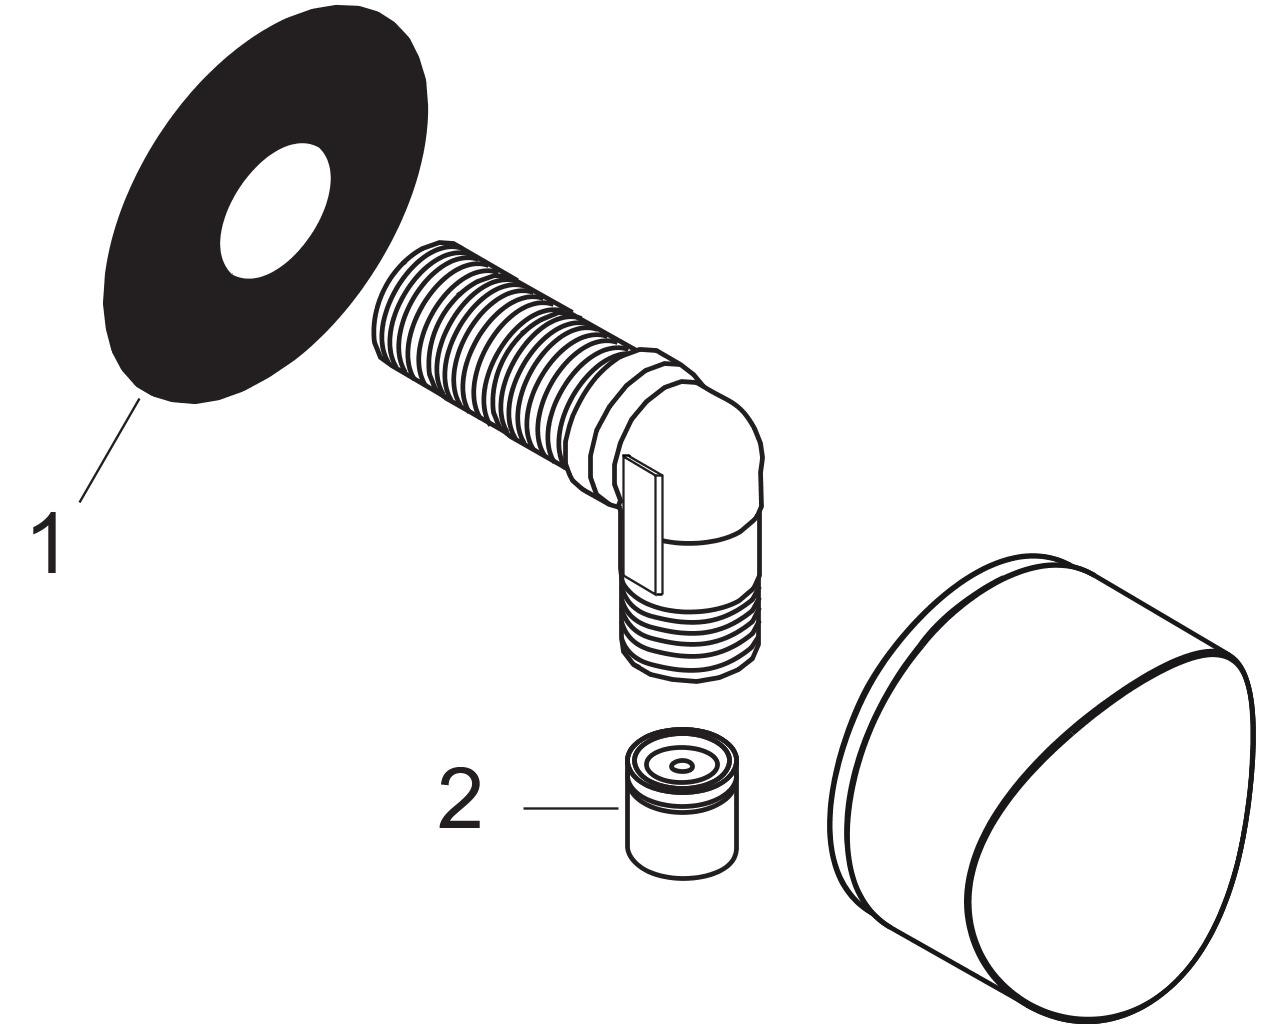 HG Schlauchanschluss DN15 Fixfit S mit Rückflussverhinderer mattweiss